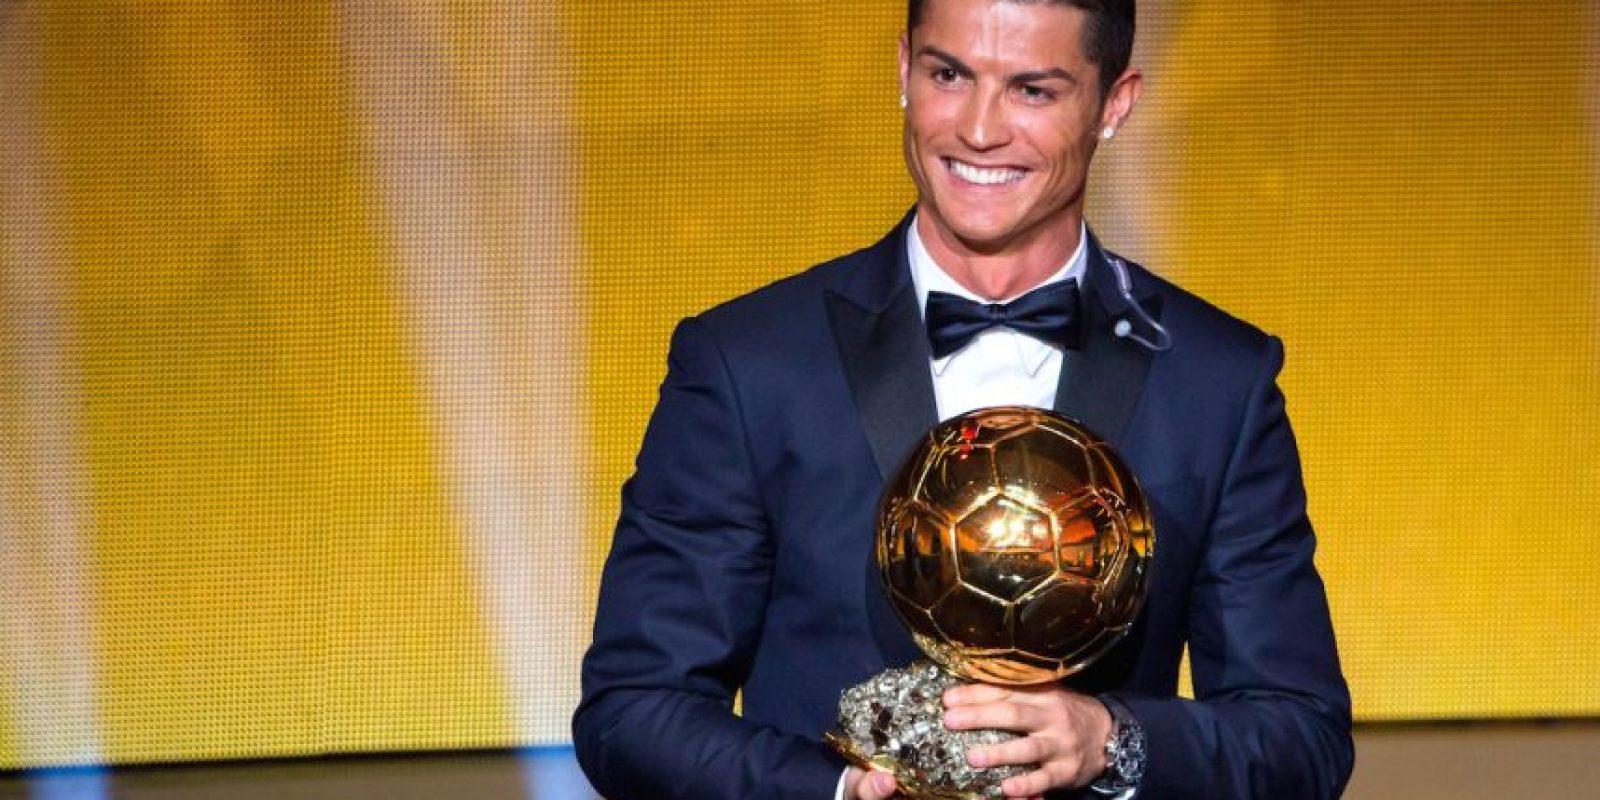 En la ceremonia del Balón de Oro de 2014, el portugués Cristiano Ronaldo resultó vencedor. Foto:Getty Images